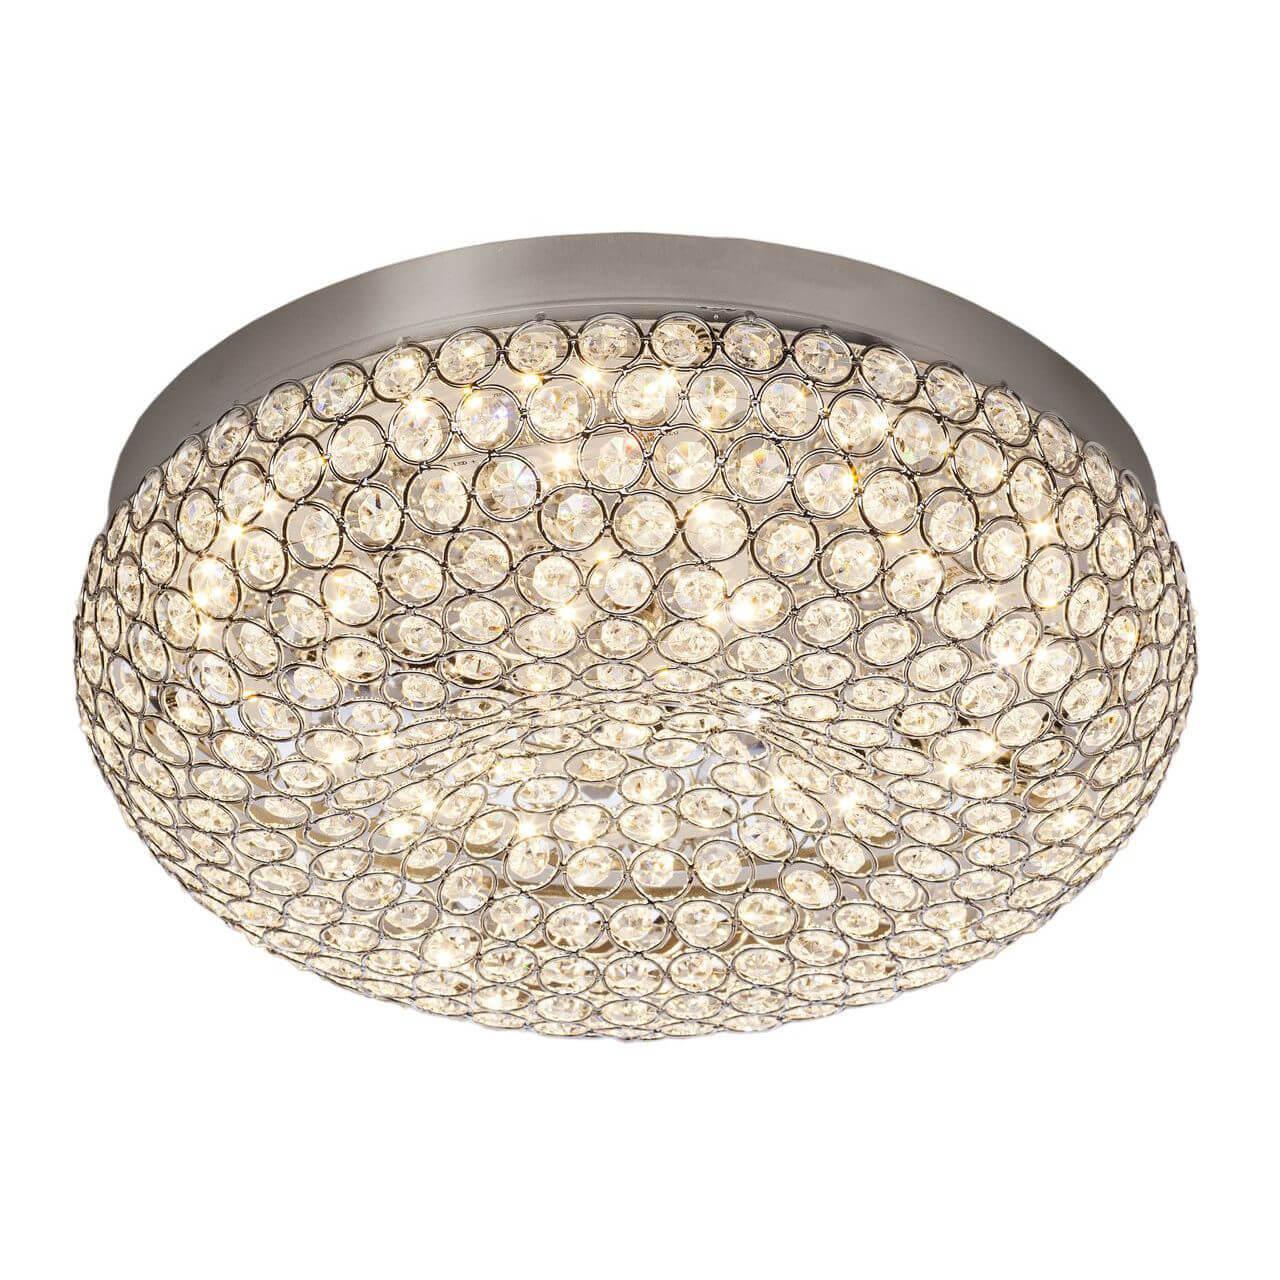 цена на Потолочный светодиодный светильник Silver Light Status 841.36.7